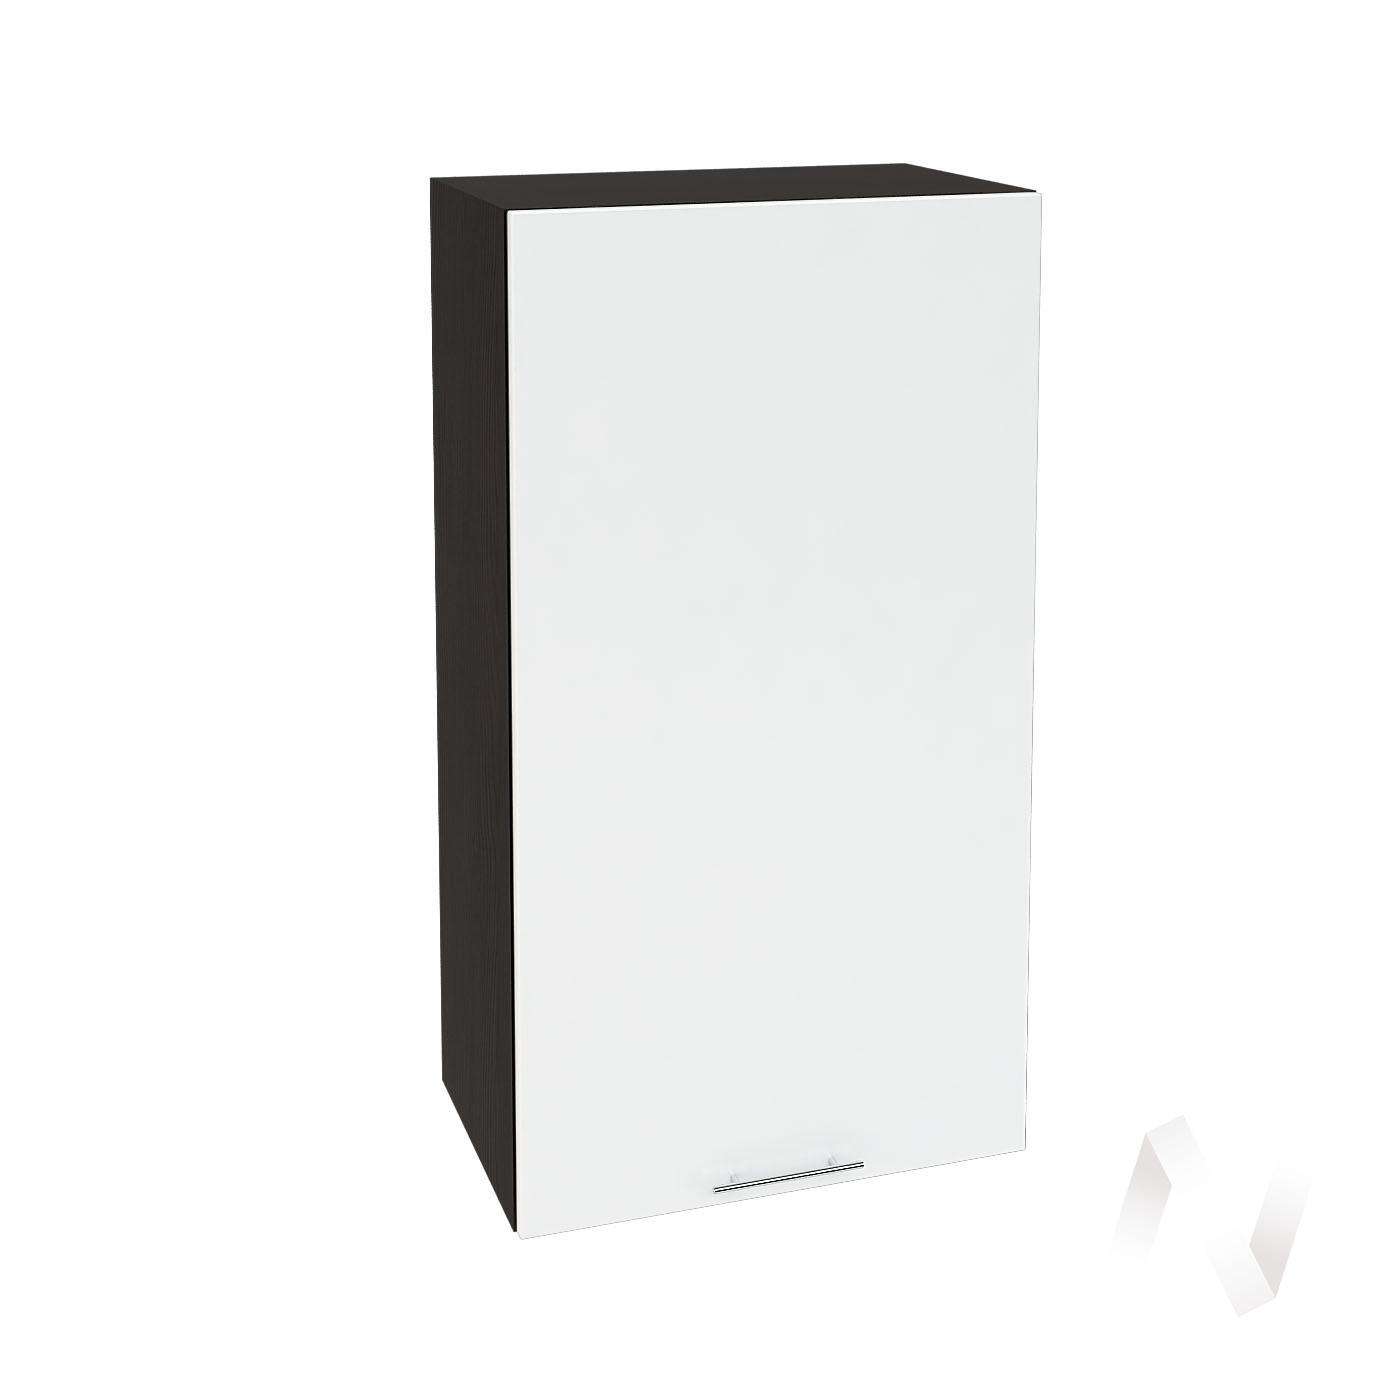 """Кухня """"Валерия-М"""": Шкаф верхний 509, ШВ 509 (белый глянец/корпус венге)"""